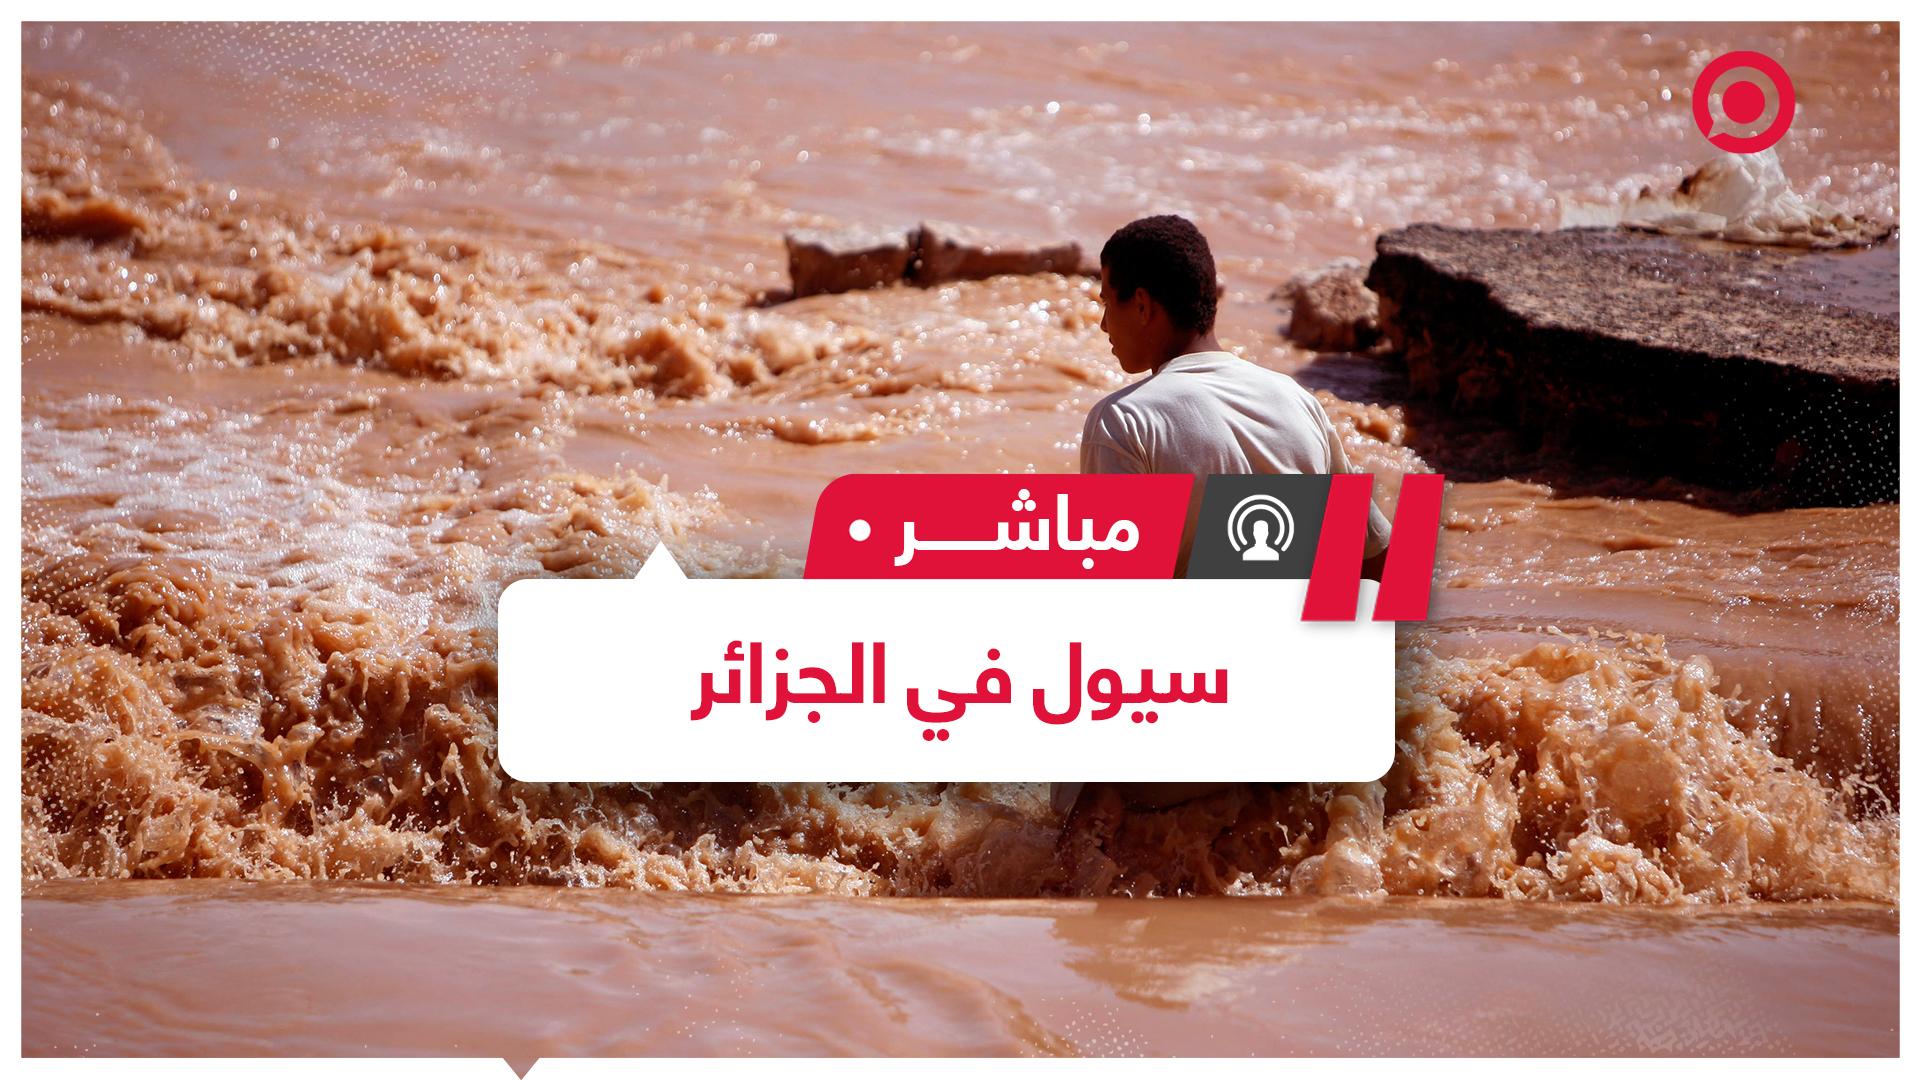 10 قتلى جراء السيول بولاية الشلف الجزائرية بعد أمطار غزيرة غمرت عدة مناطق في البلاد